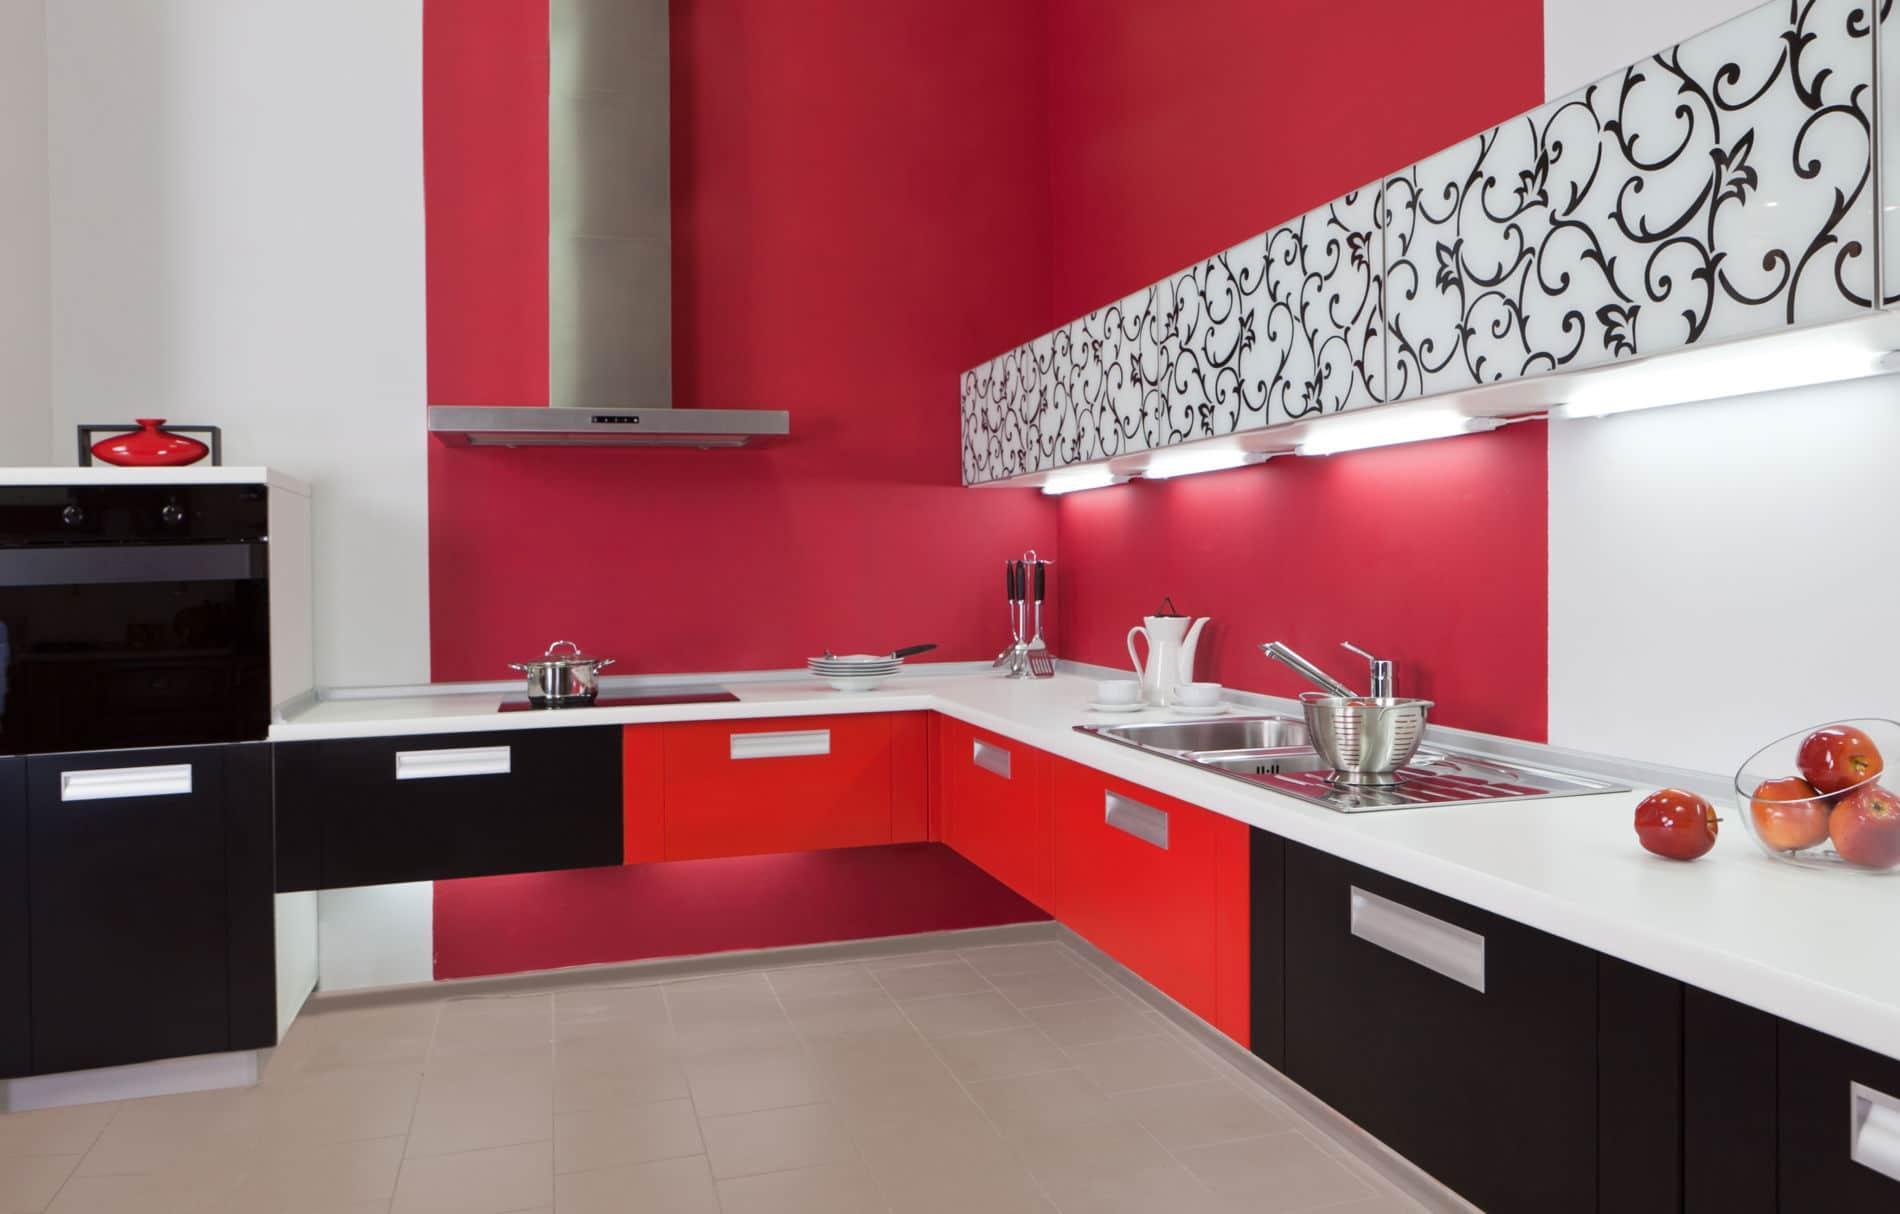 מטבח בצבע אדום מודרני משוכלל דגם רד ויין